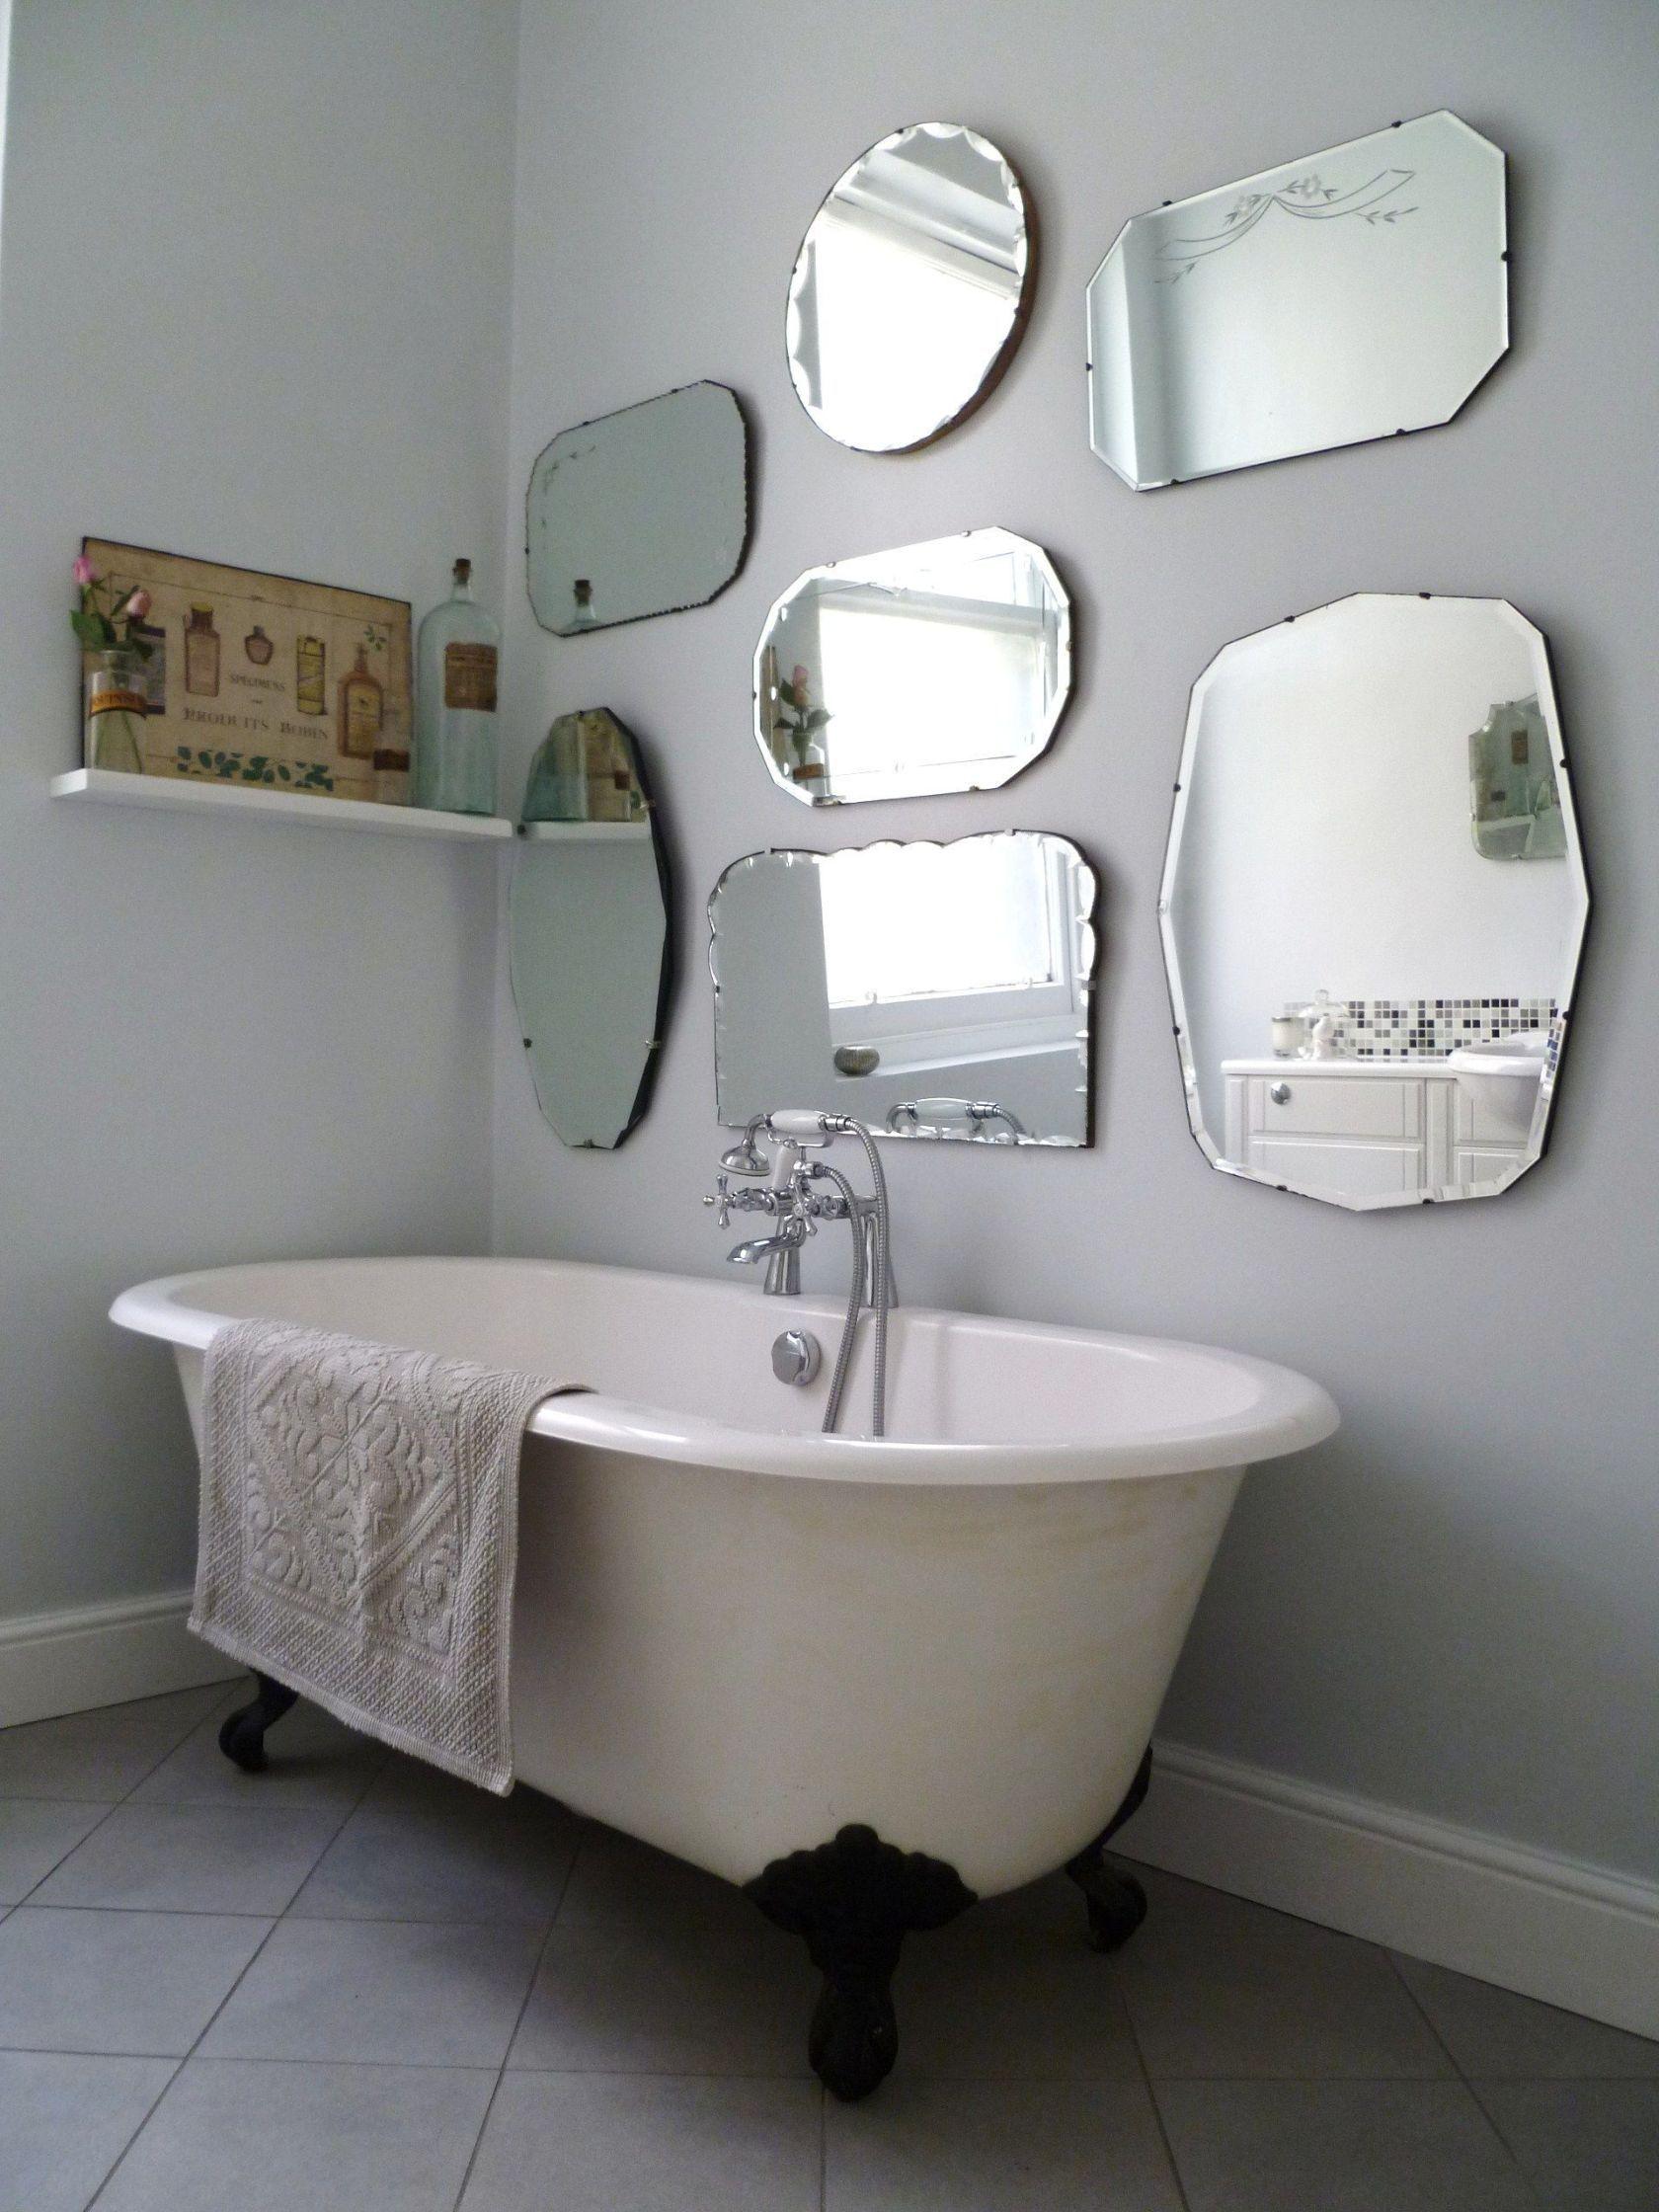 33 Rum Og 3 Hunde With Images Bathroom Interior Design